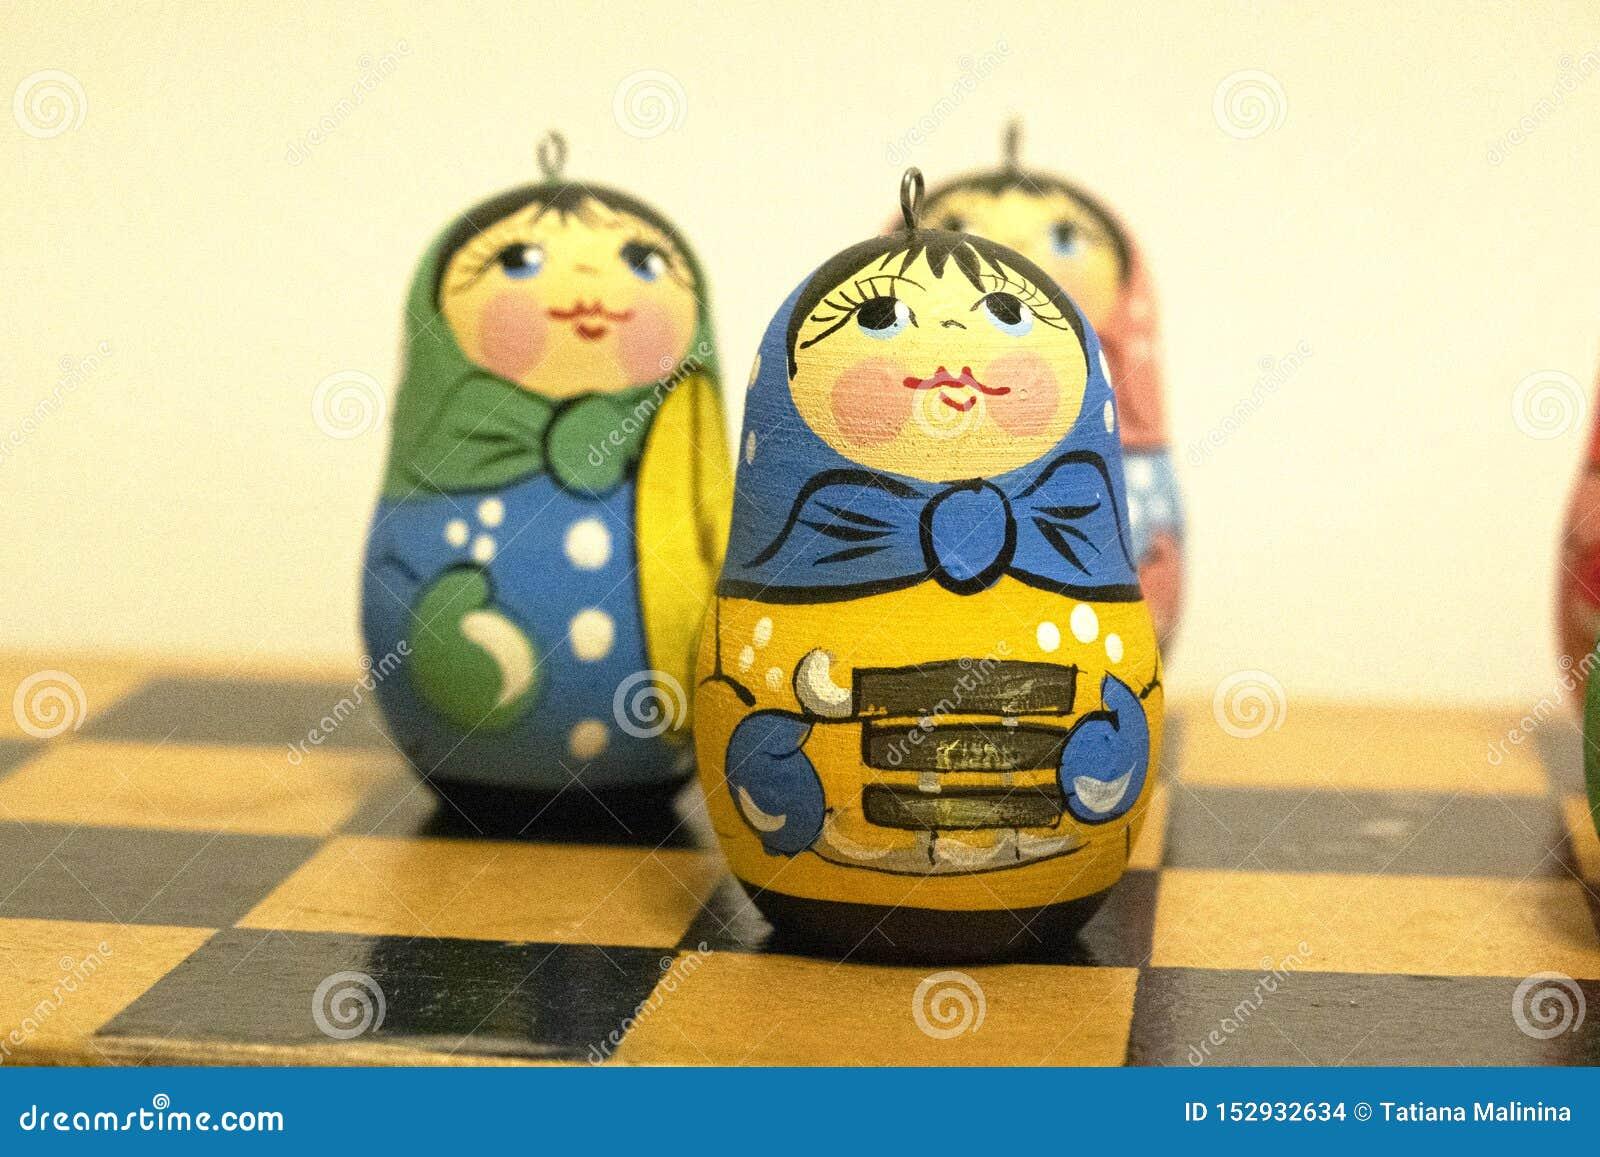 Giocattoli del nuovo anno s, piccole bambole russe, giocattoli luminosi, celebrazione